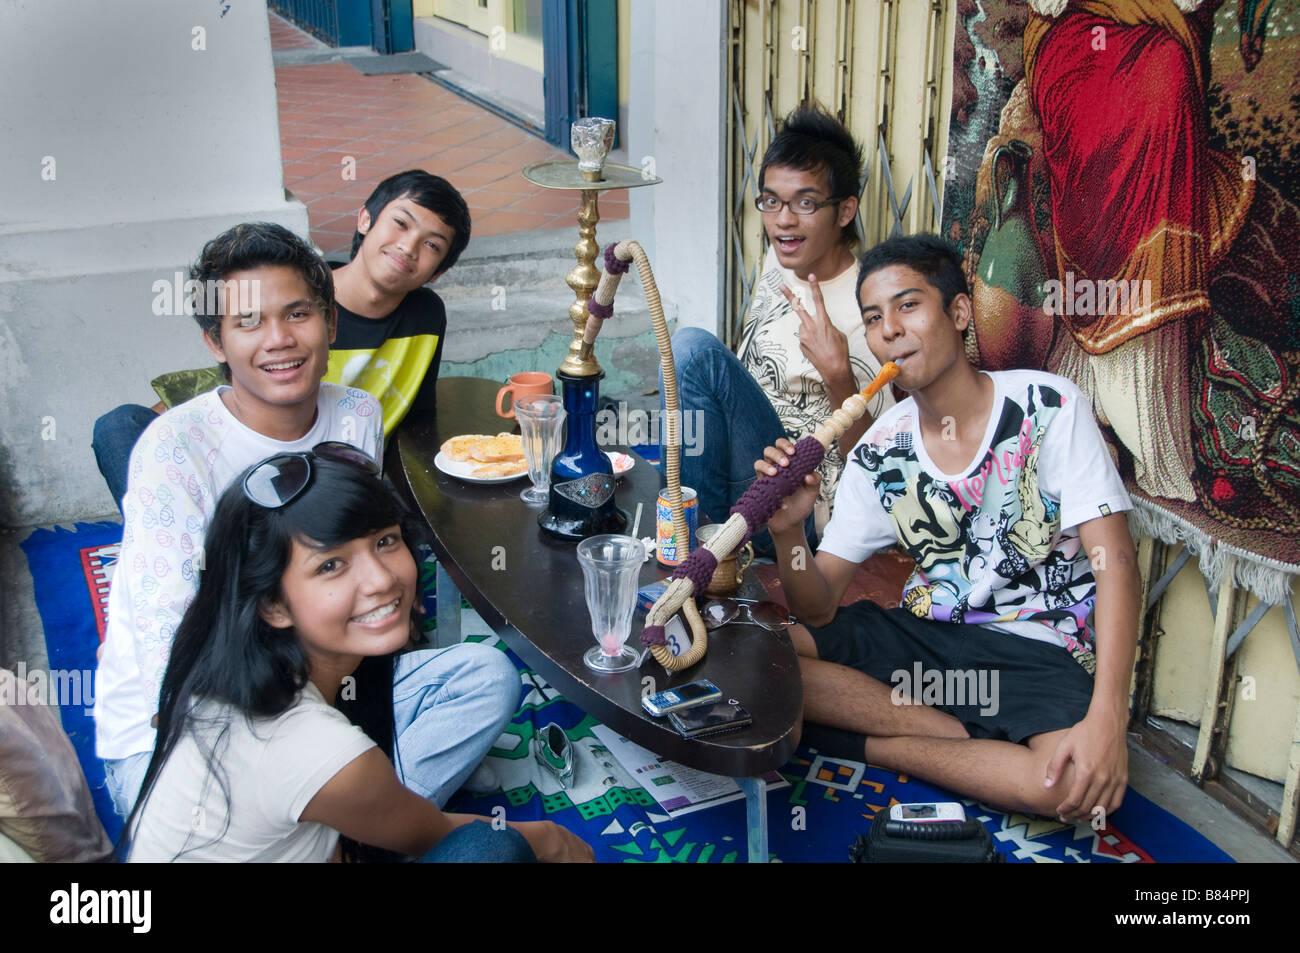 Teenager Arab Quarter Singapore Kampong Glam Smoking water pipe - Stock Image